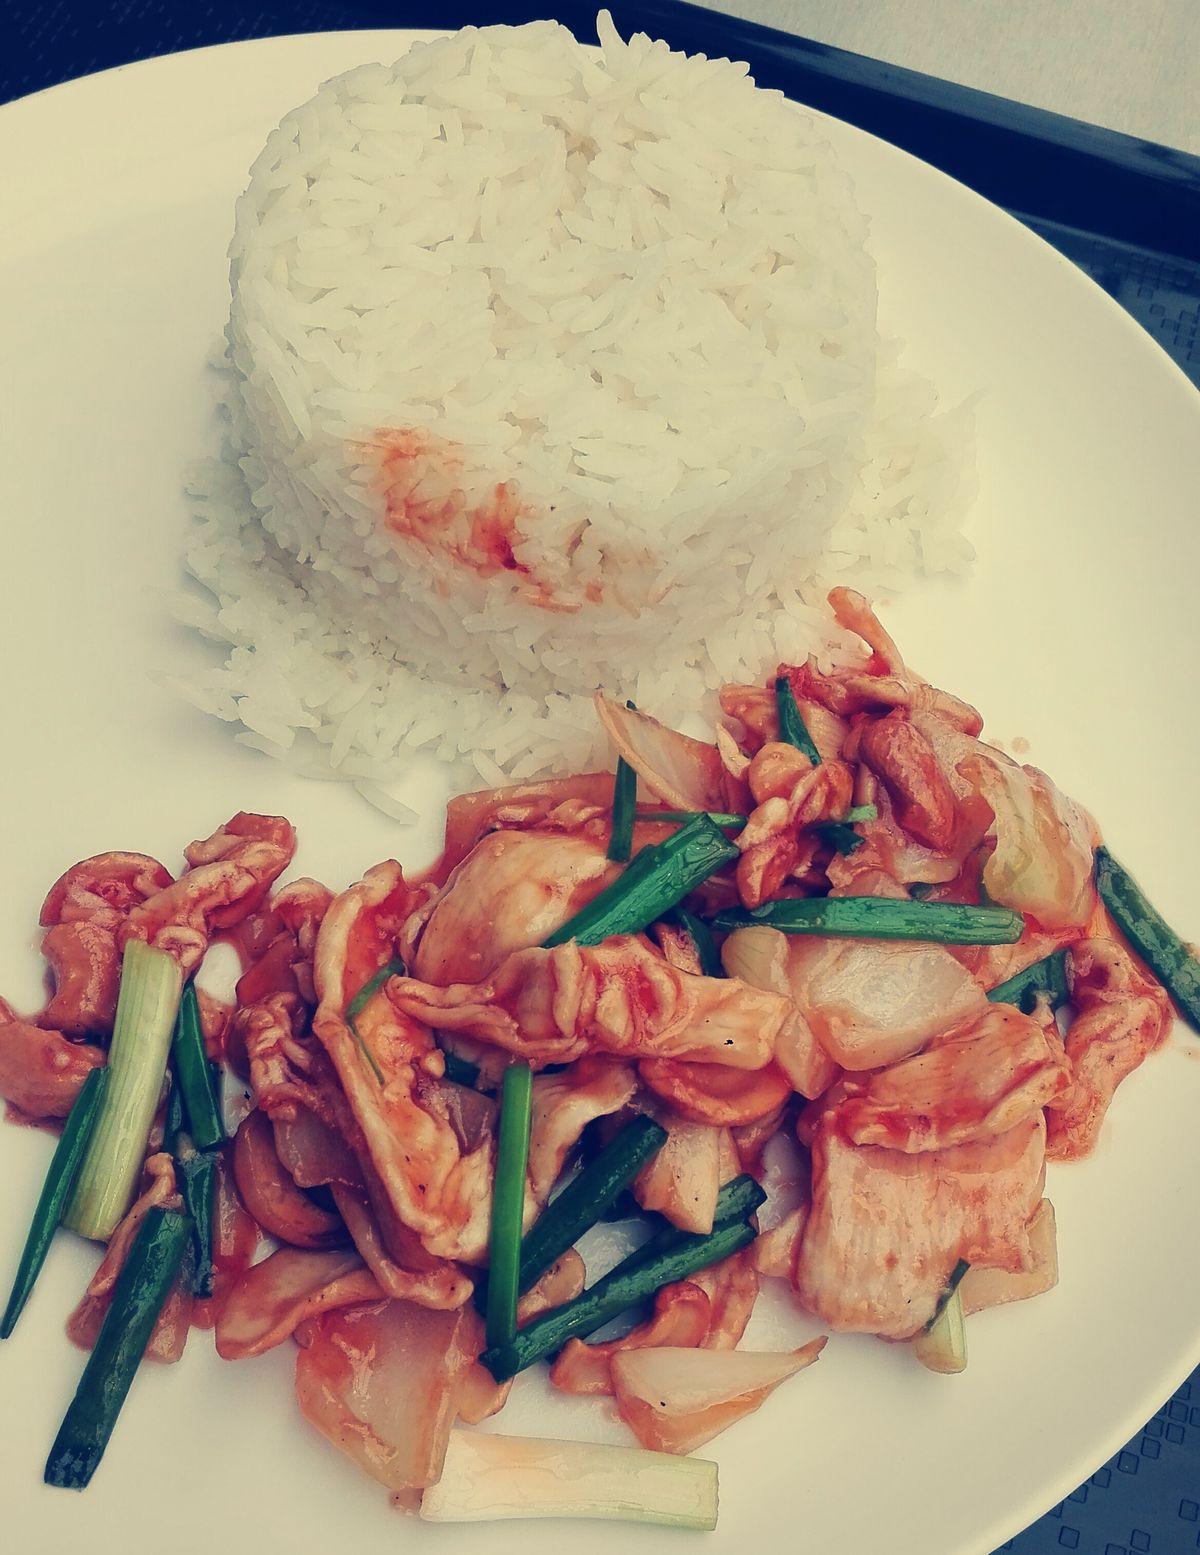 Kesudiós csirke rizzsel, mindenféle zöldségekkel